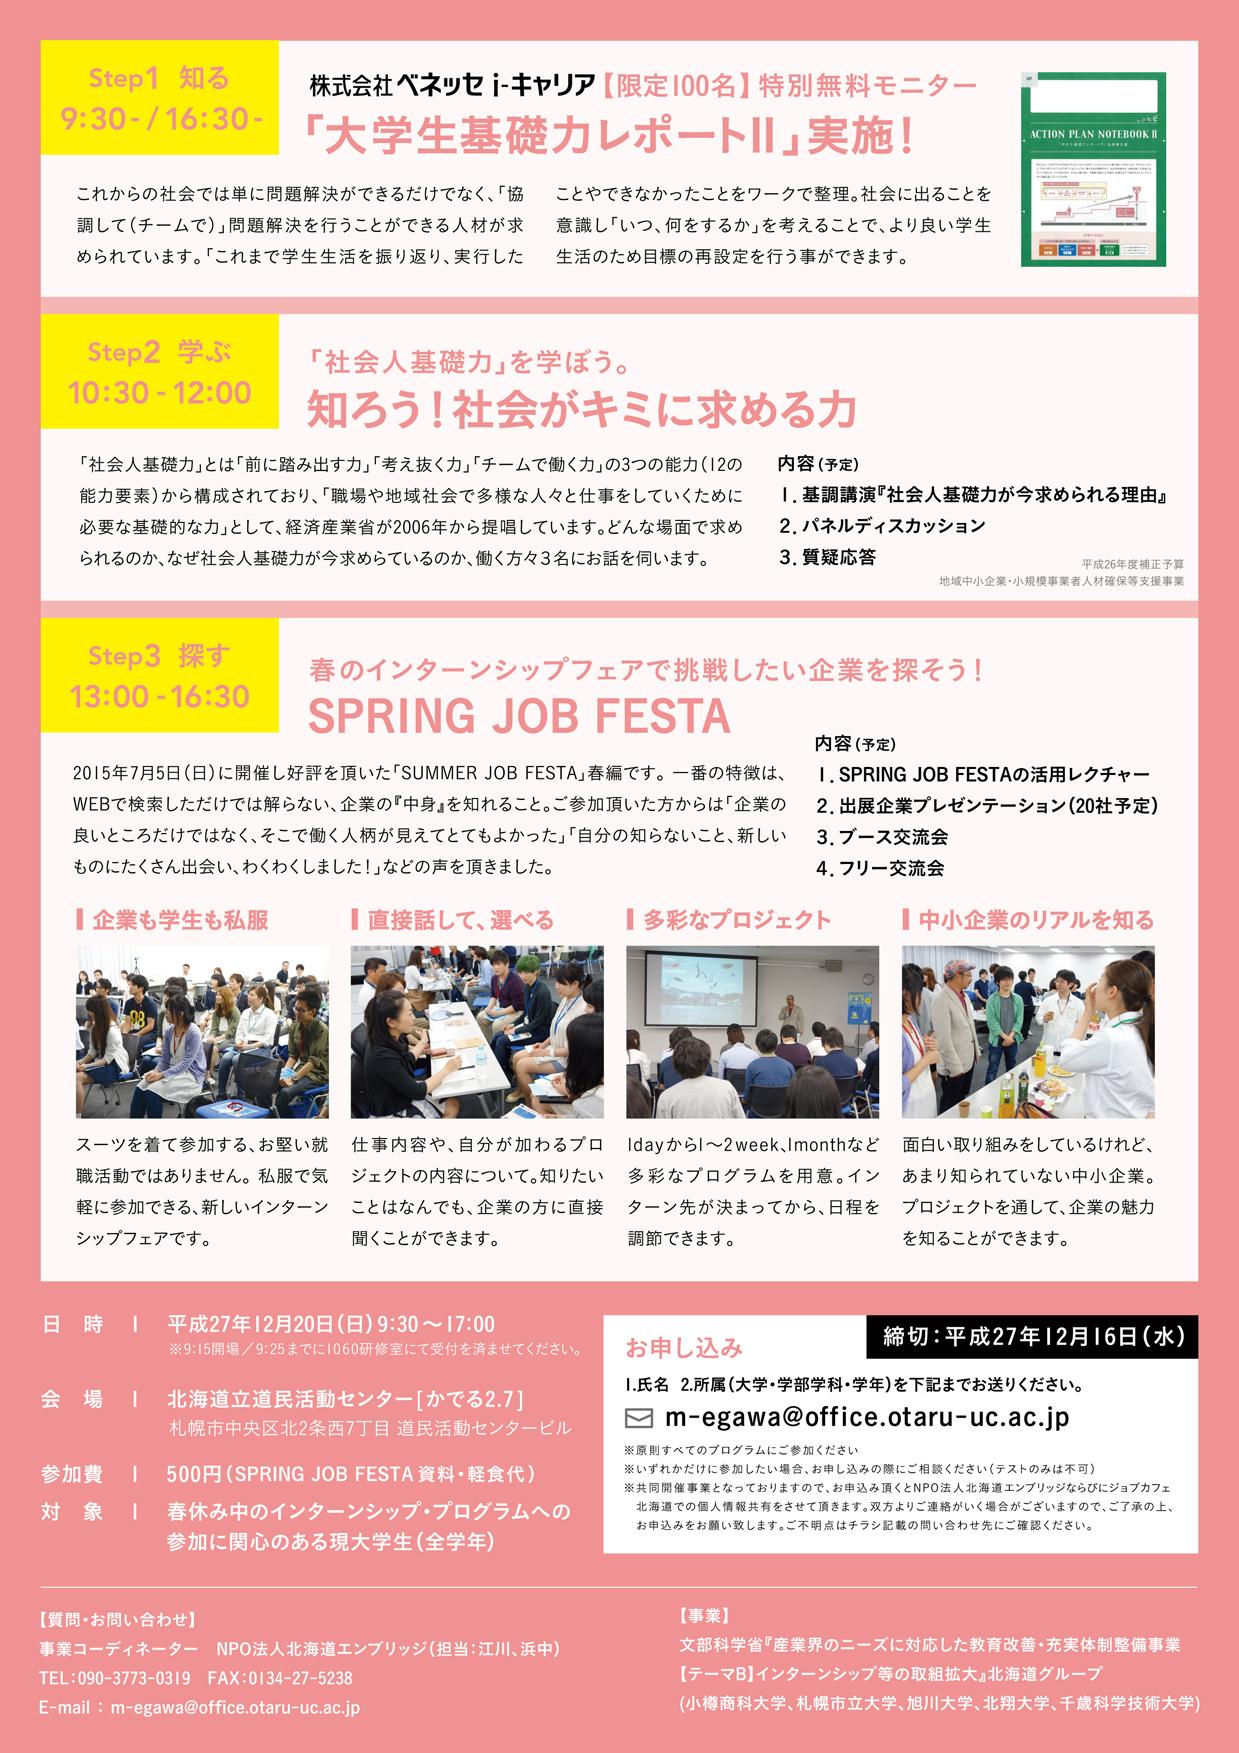 spring_job_festa_flyer_ura-01